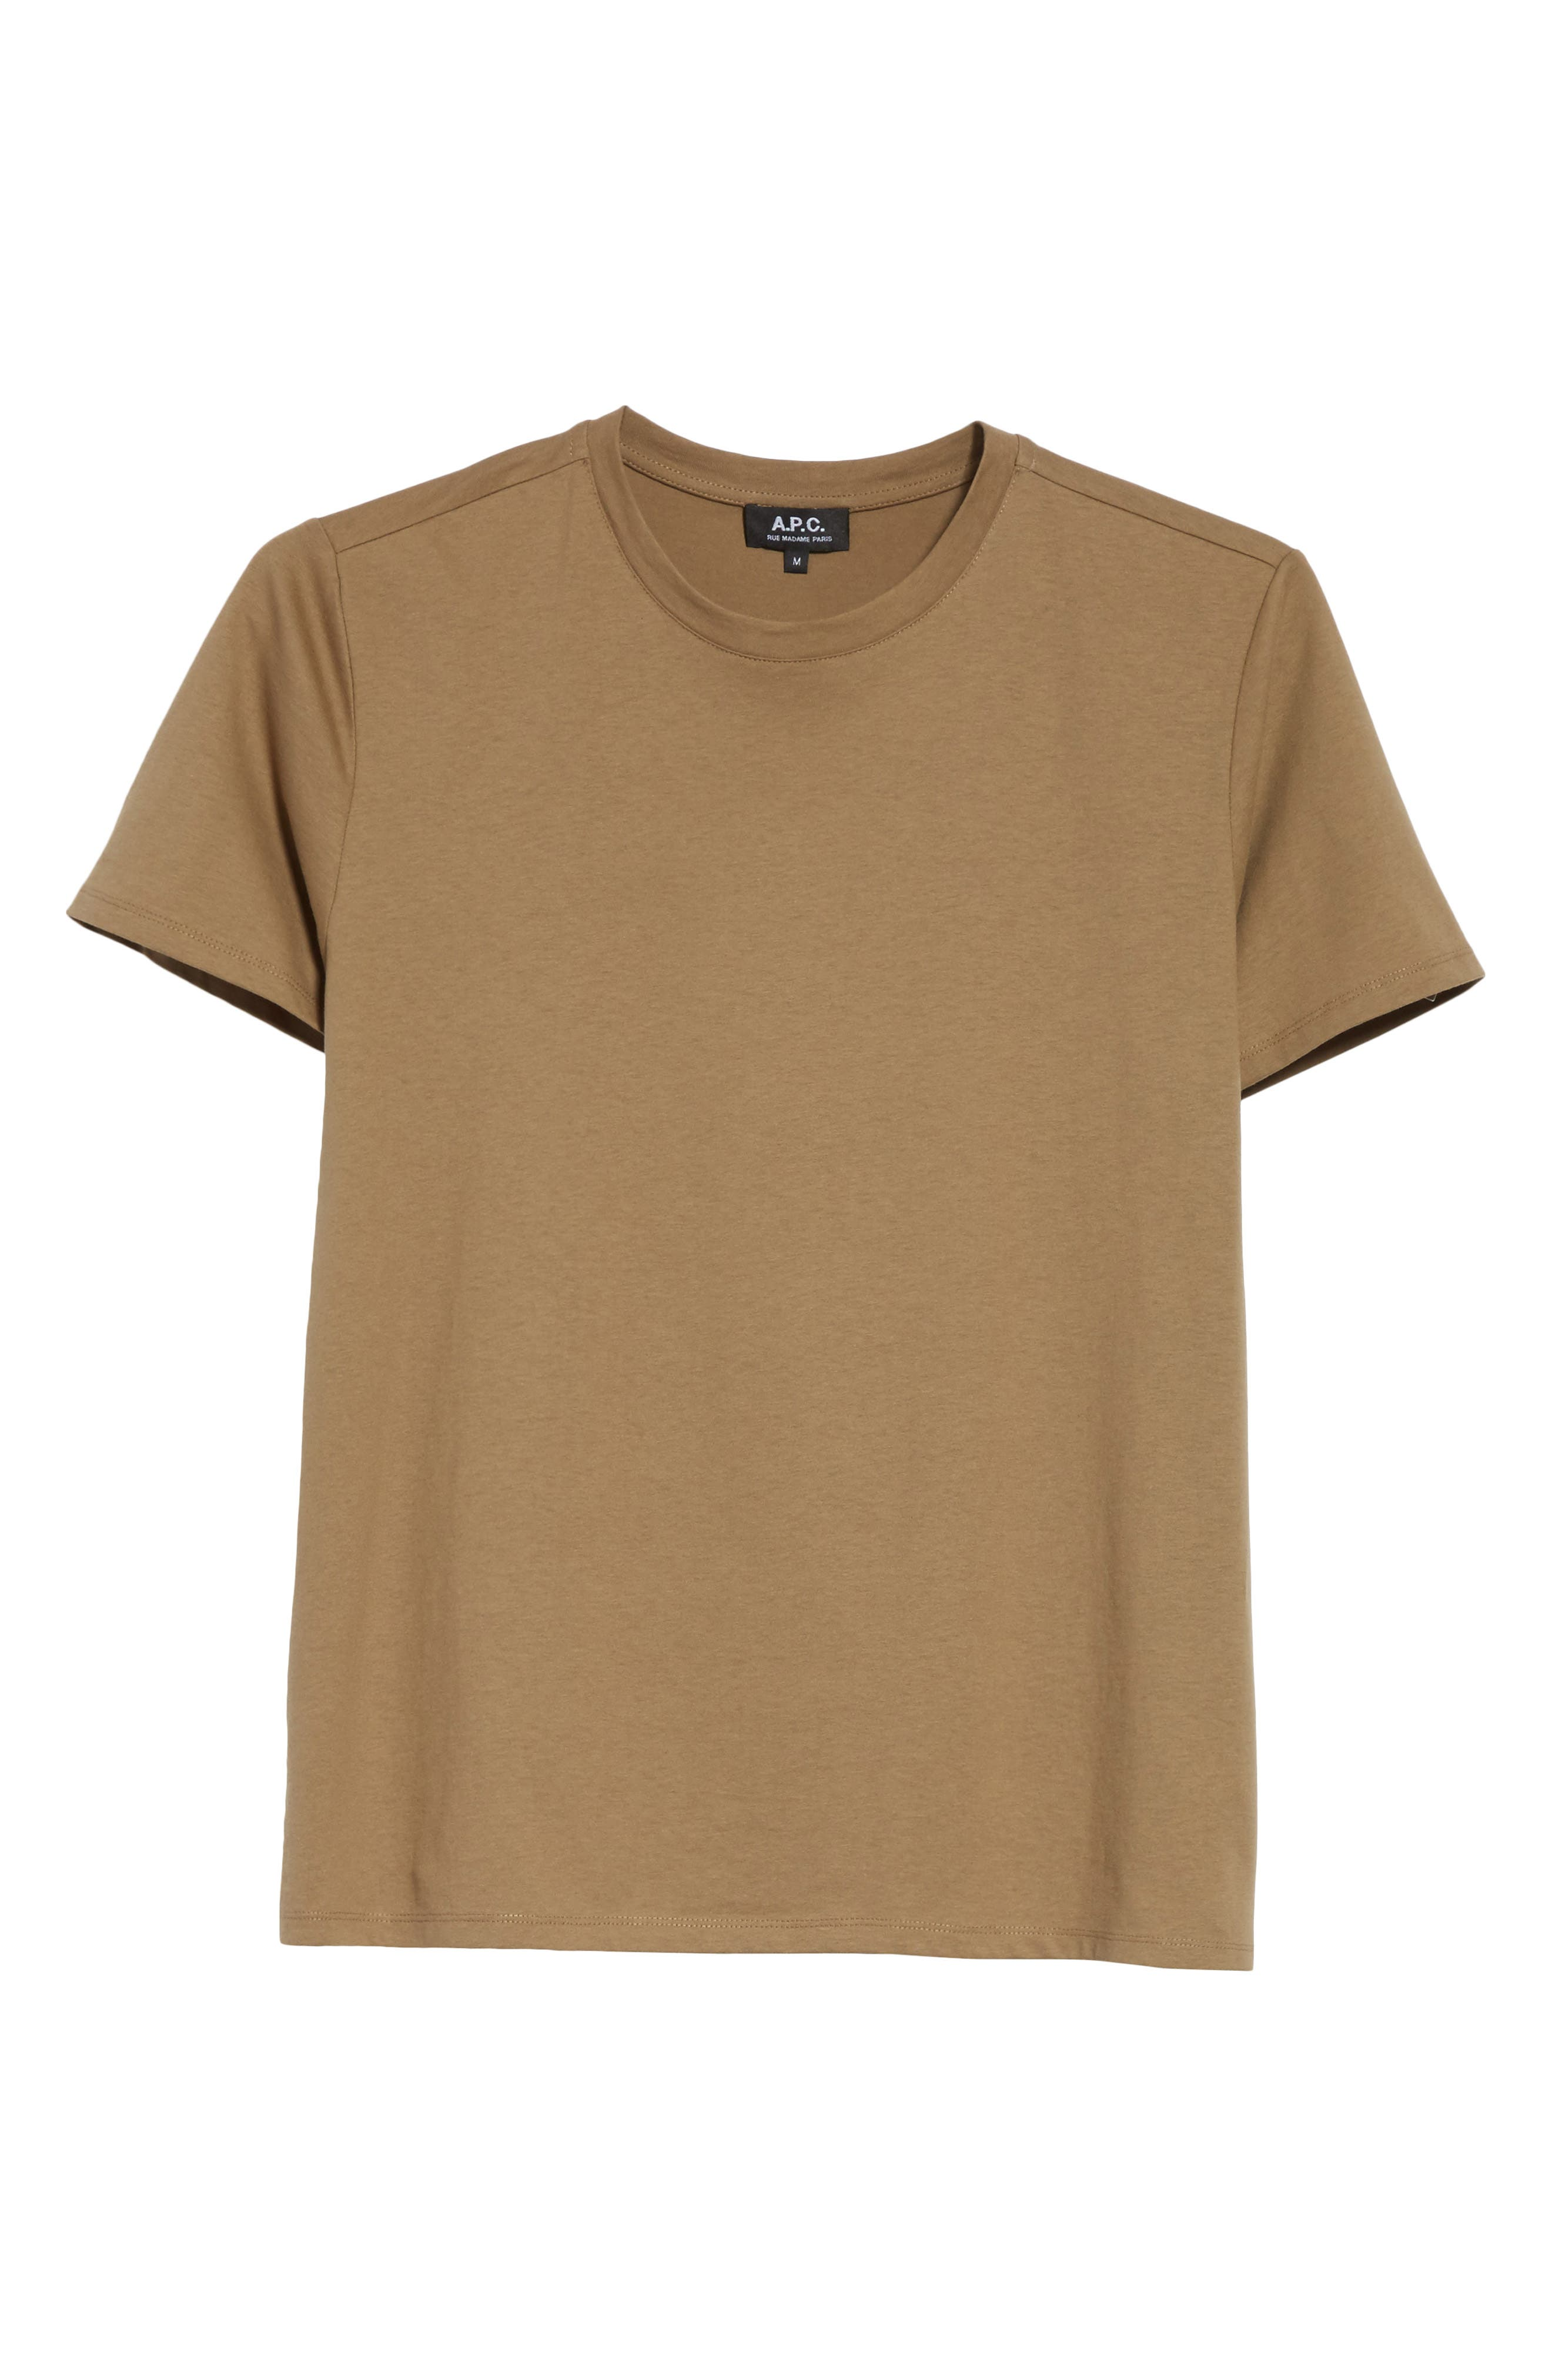 Jimmy T-Shirt,                             Alternate thumbnail 6, color,                             270